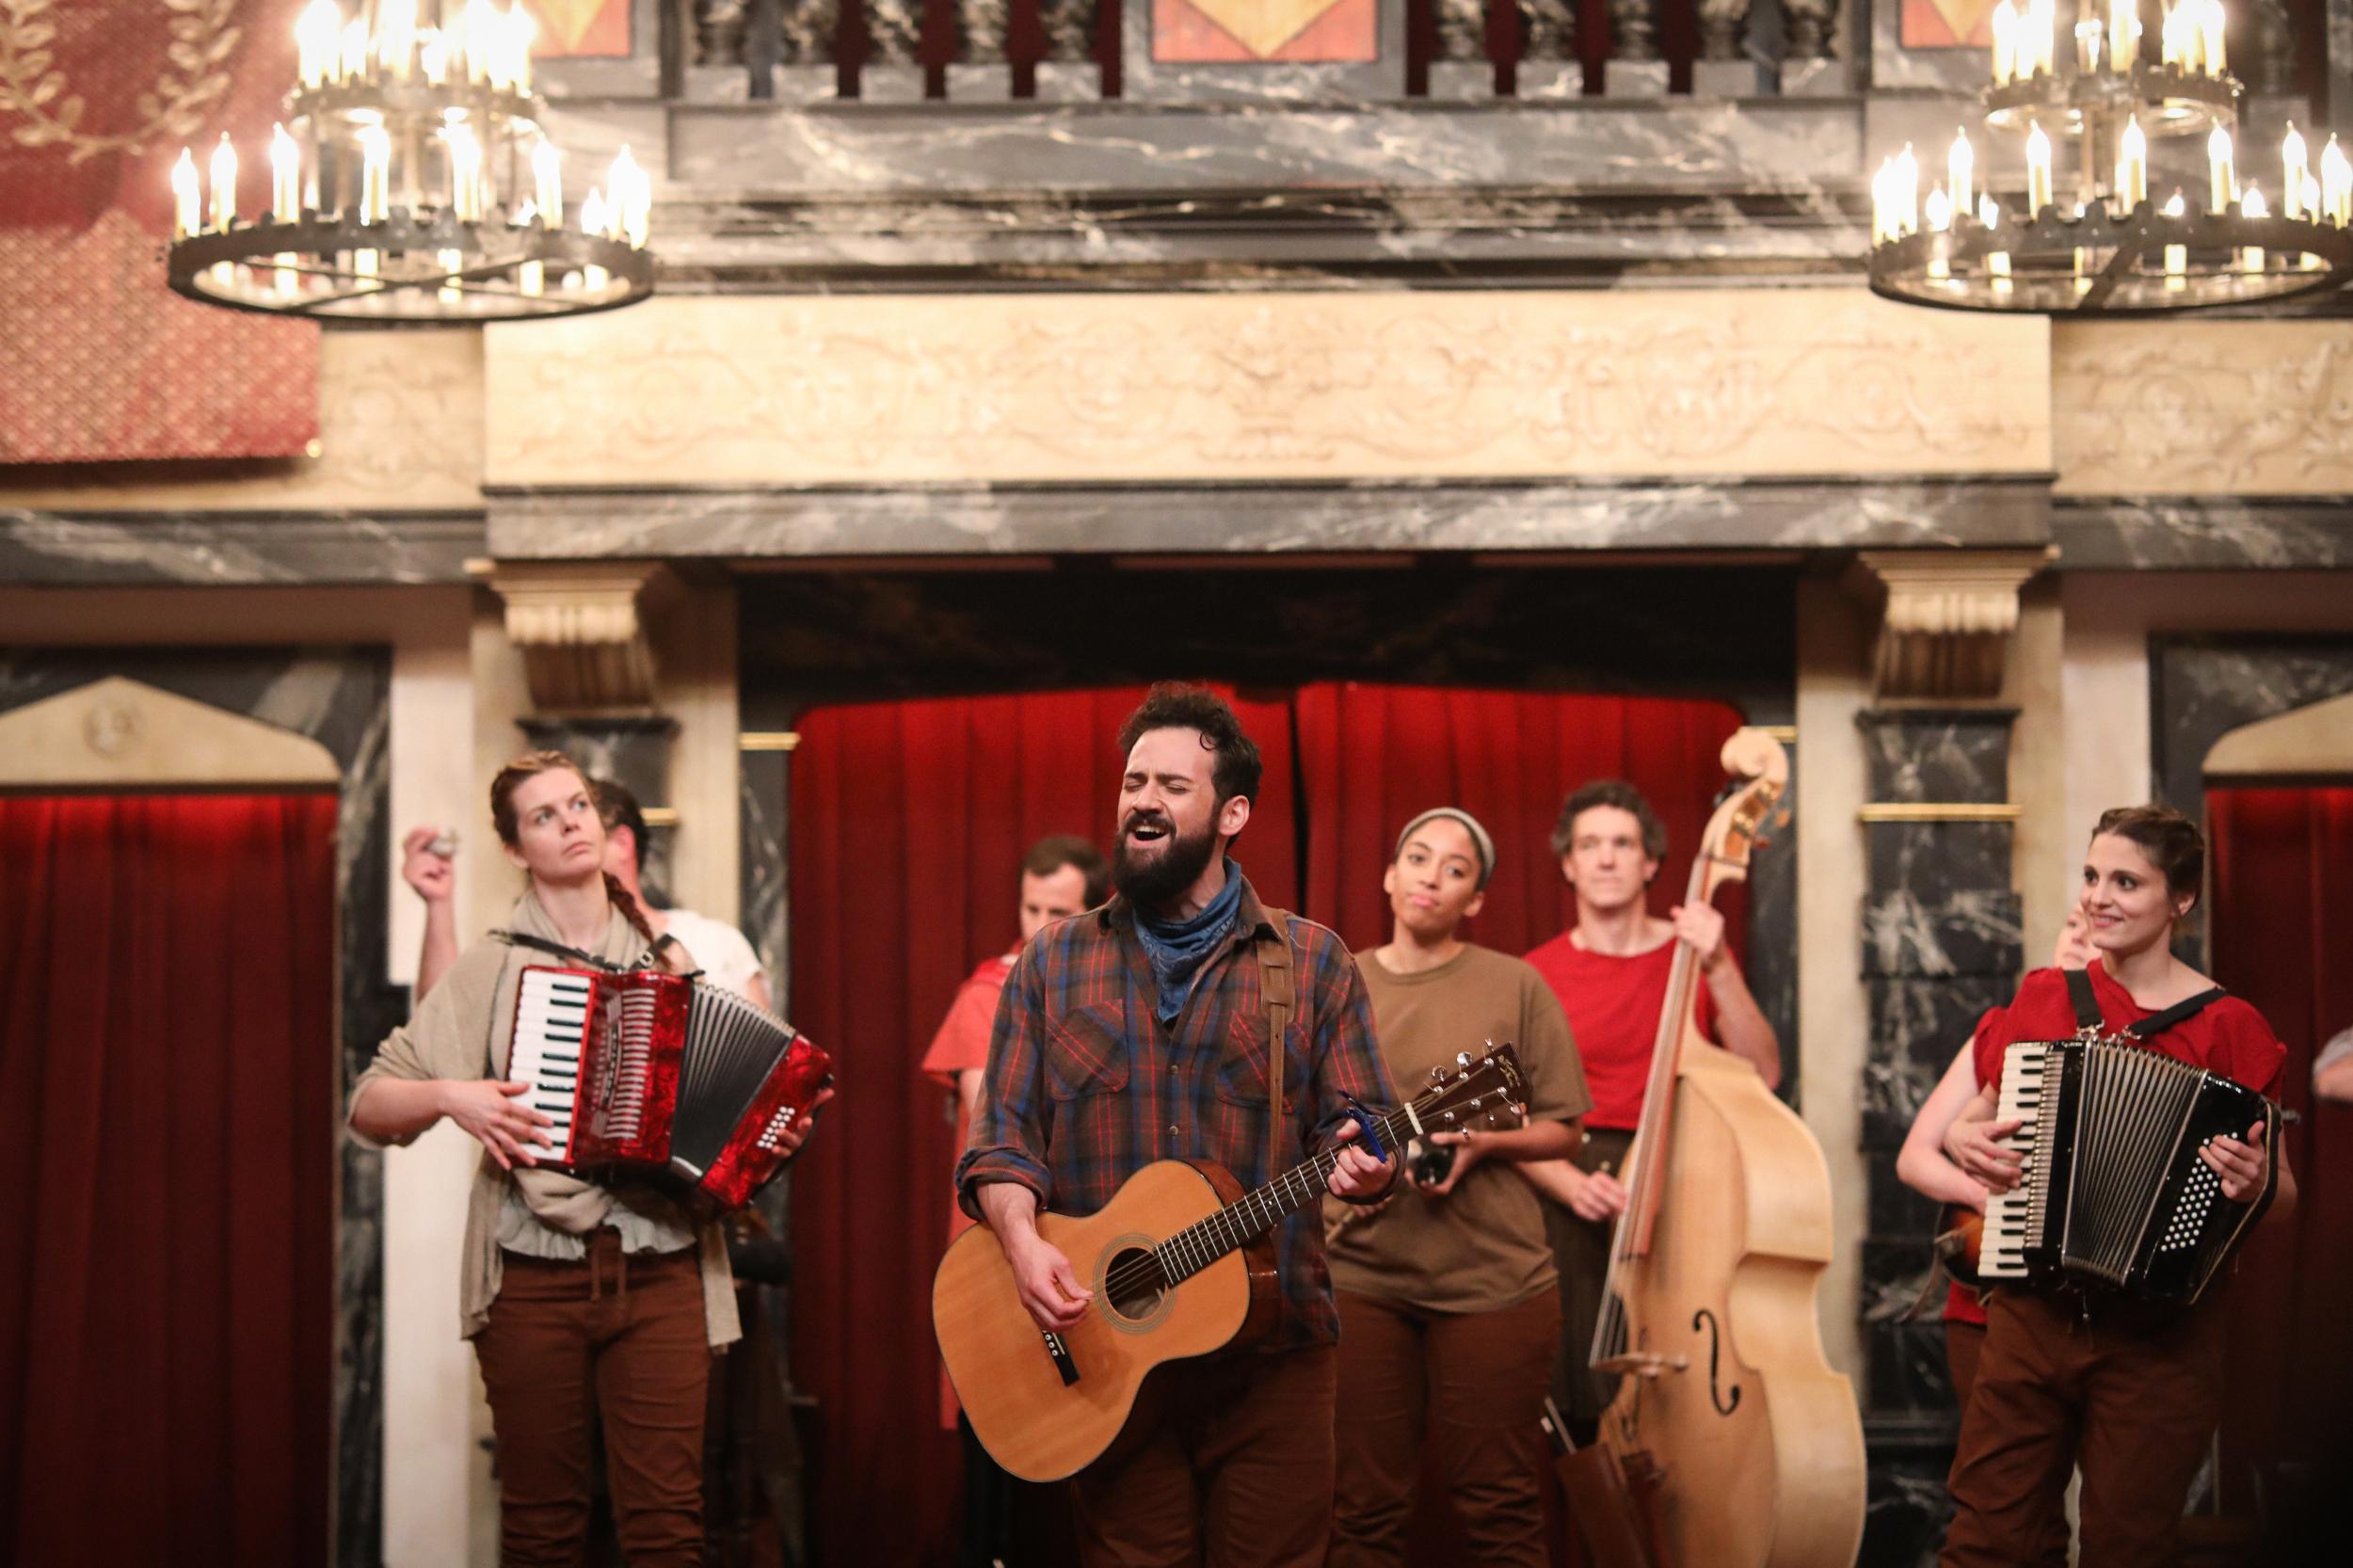 Julius Caesar Ronald Román-Meléndez live music